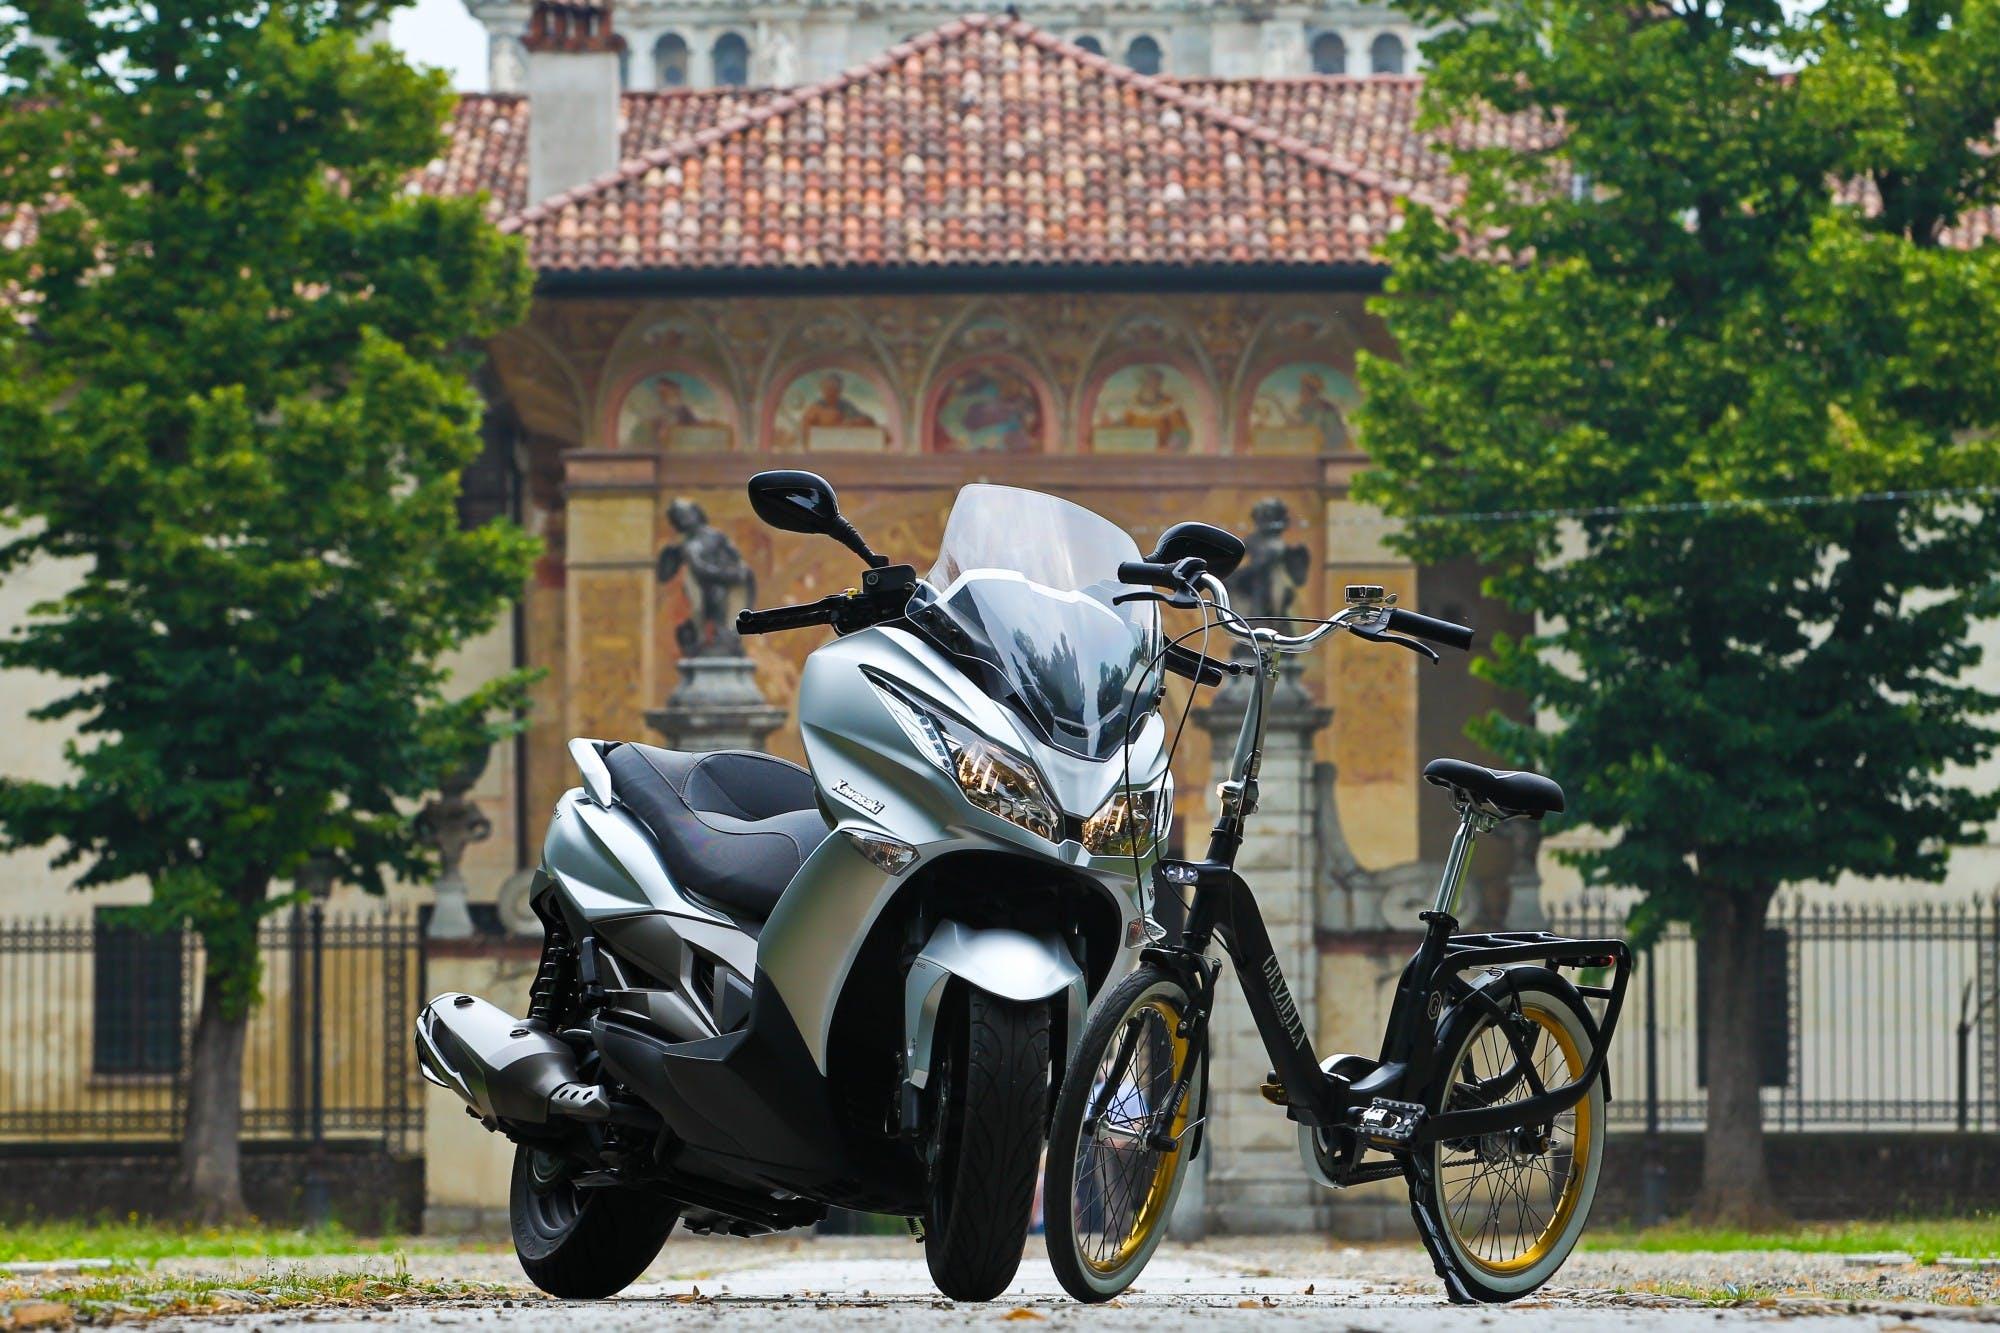 Gli sfidanti: Kawasaki J300 e Graziella, la bici pieghevole con le ruote da 20 pollici